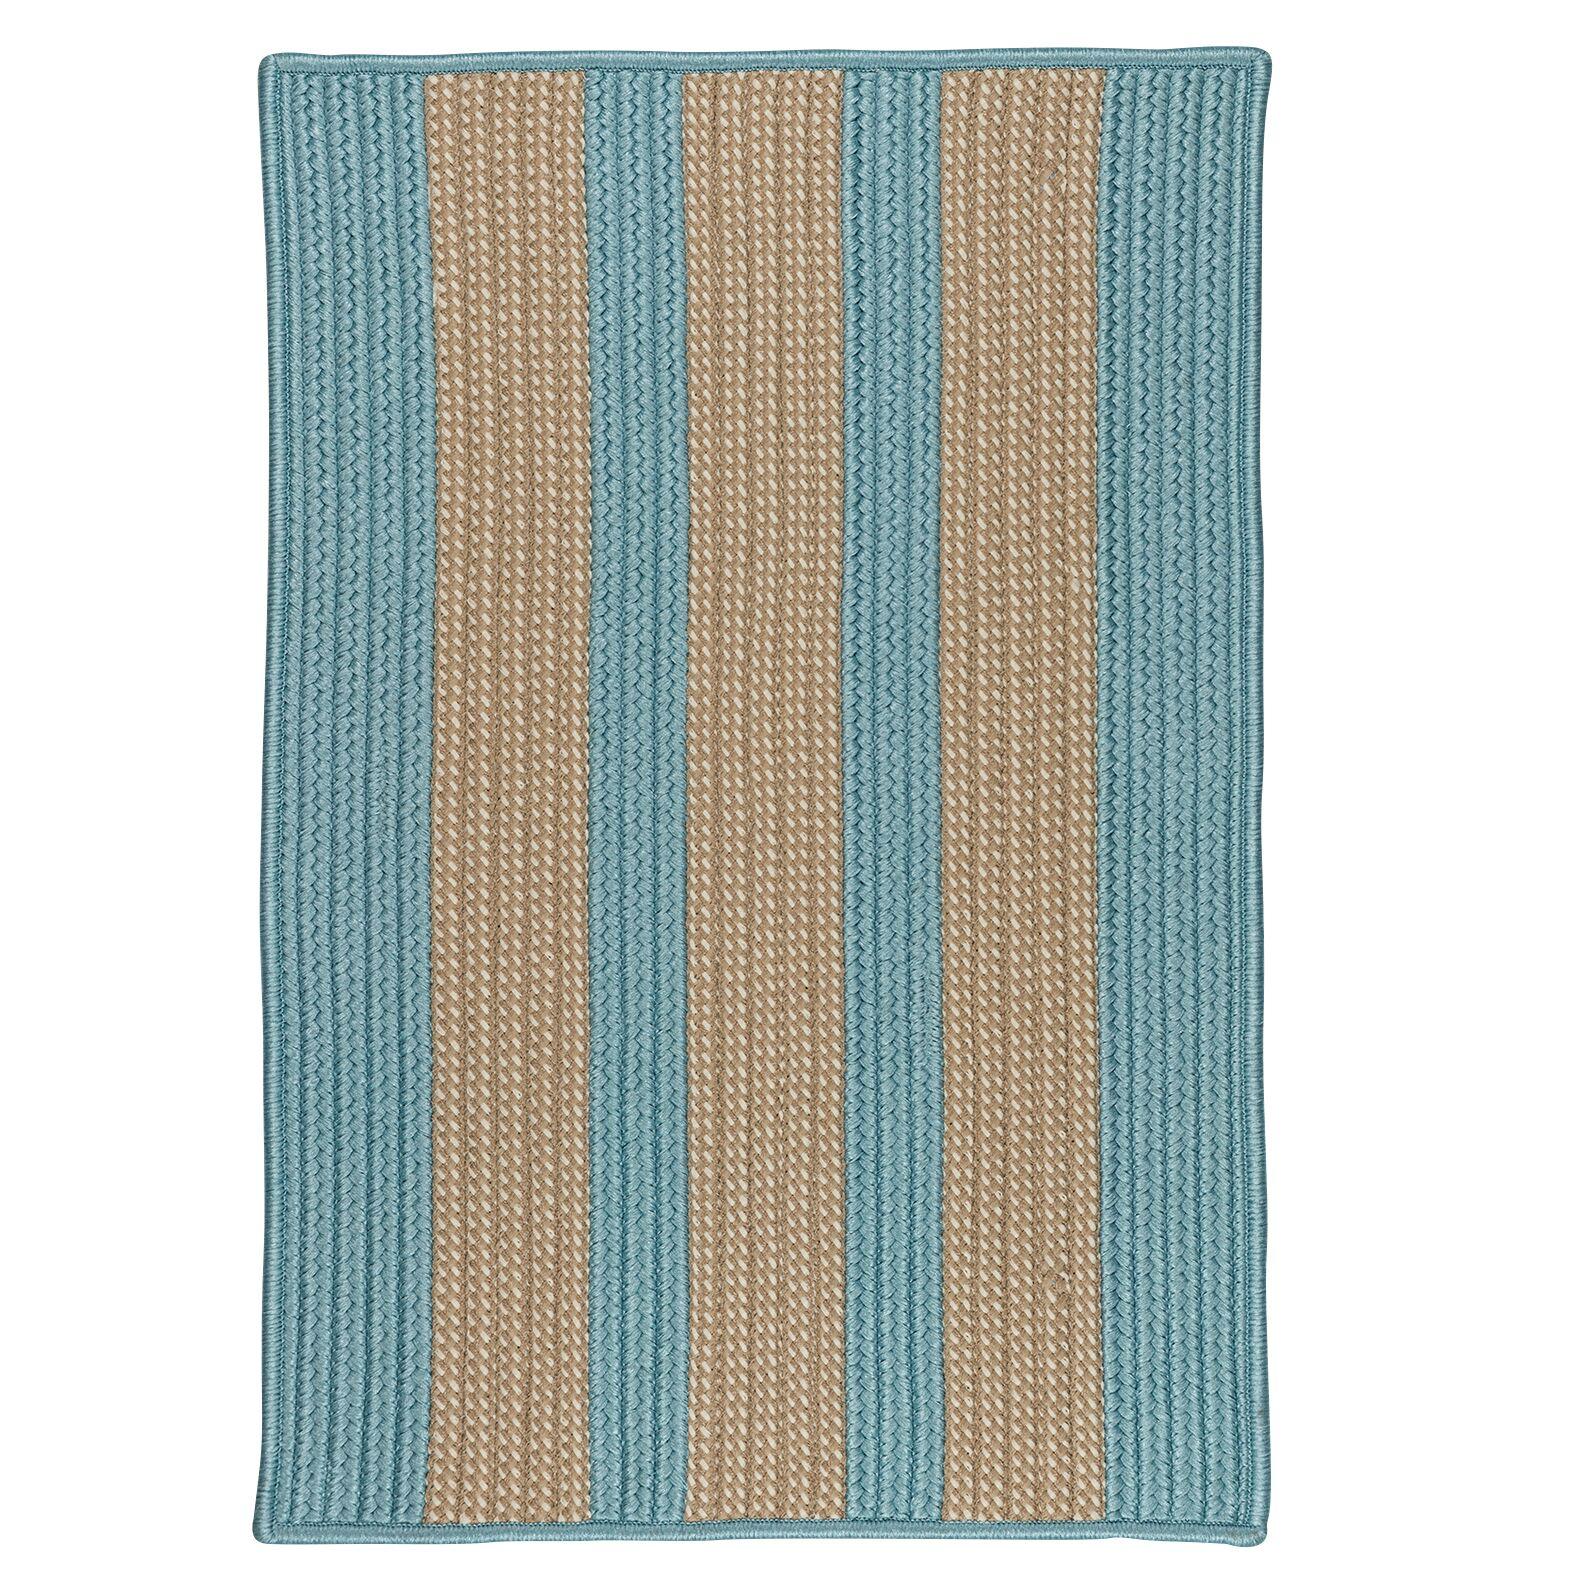 Seal Harbor Light Blue Indoor/Outdoor Area Rug Rug Size: Runner 2' x 12'